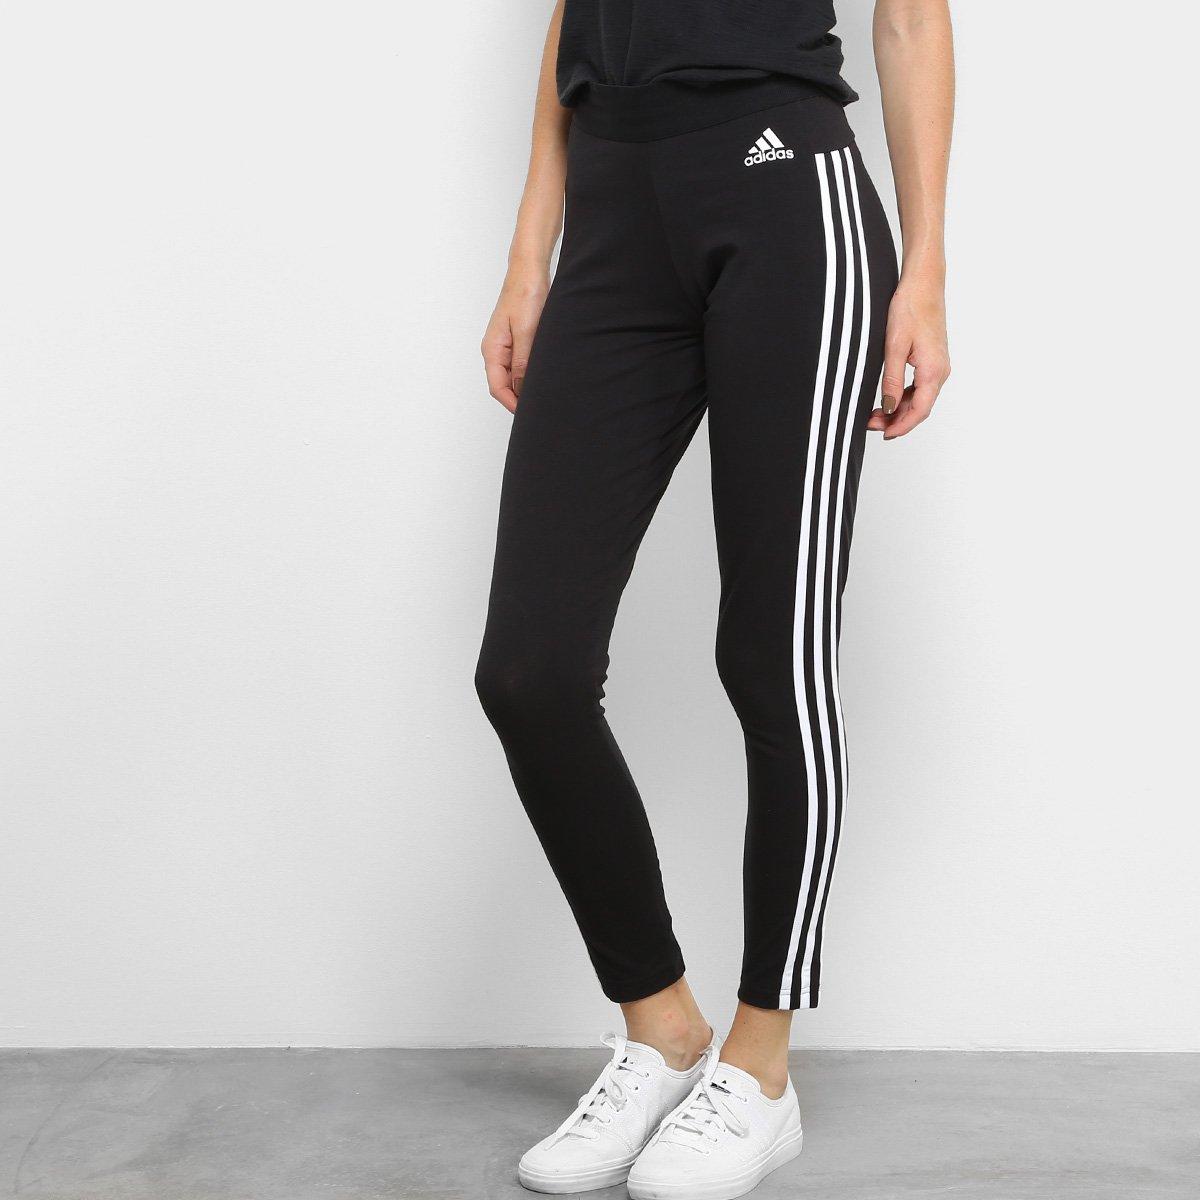 47d29f4e7 Calça Legging Adidas Essentials 3S Feminina